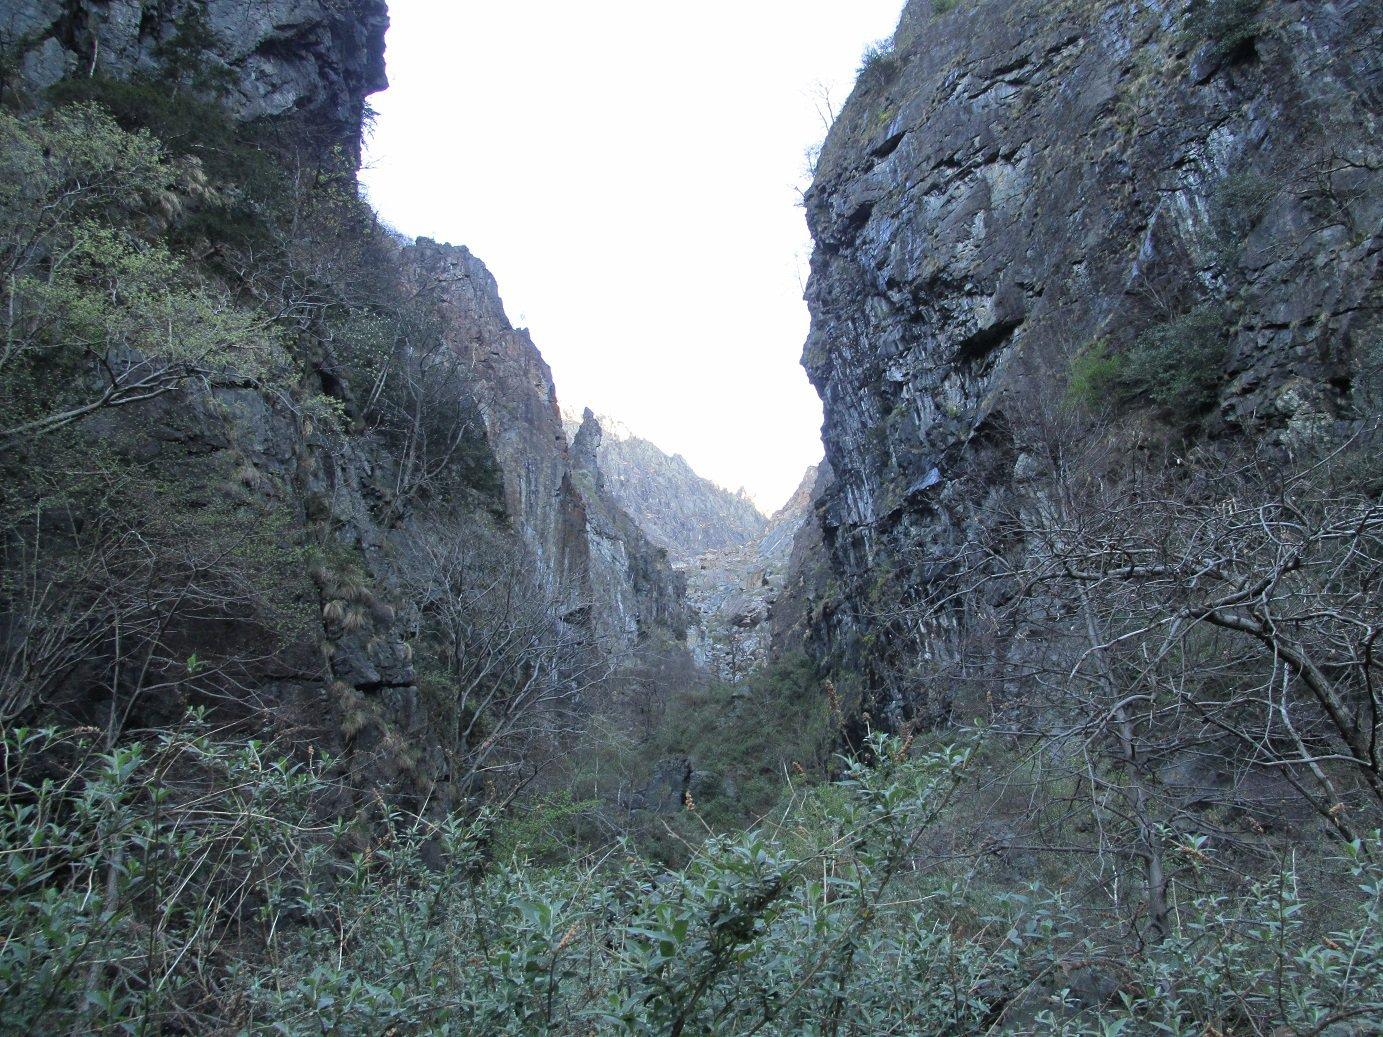 Prima parte della Valle di Nibbio, al centro è visibile la frana